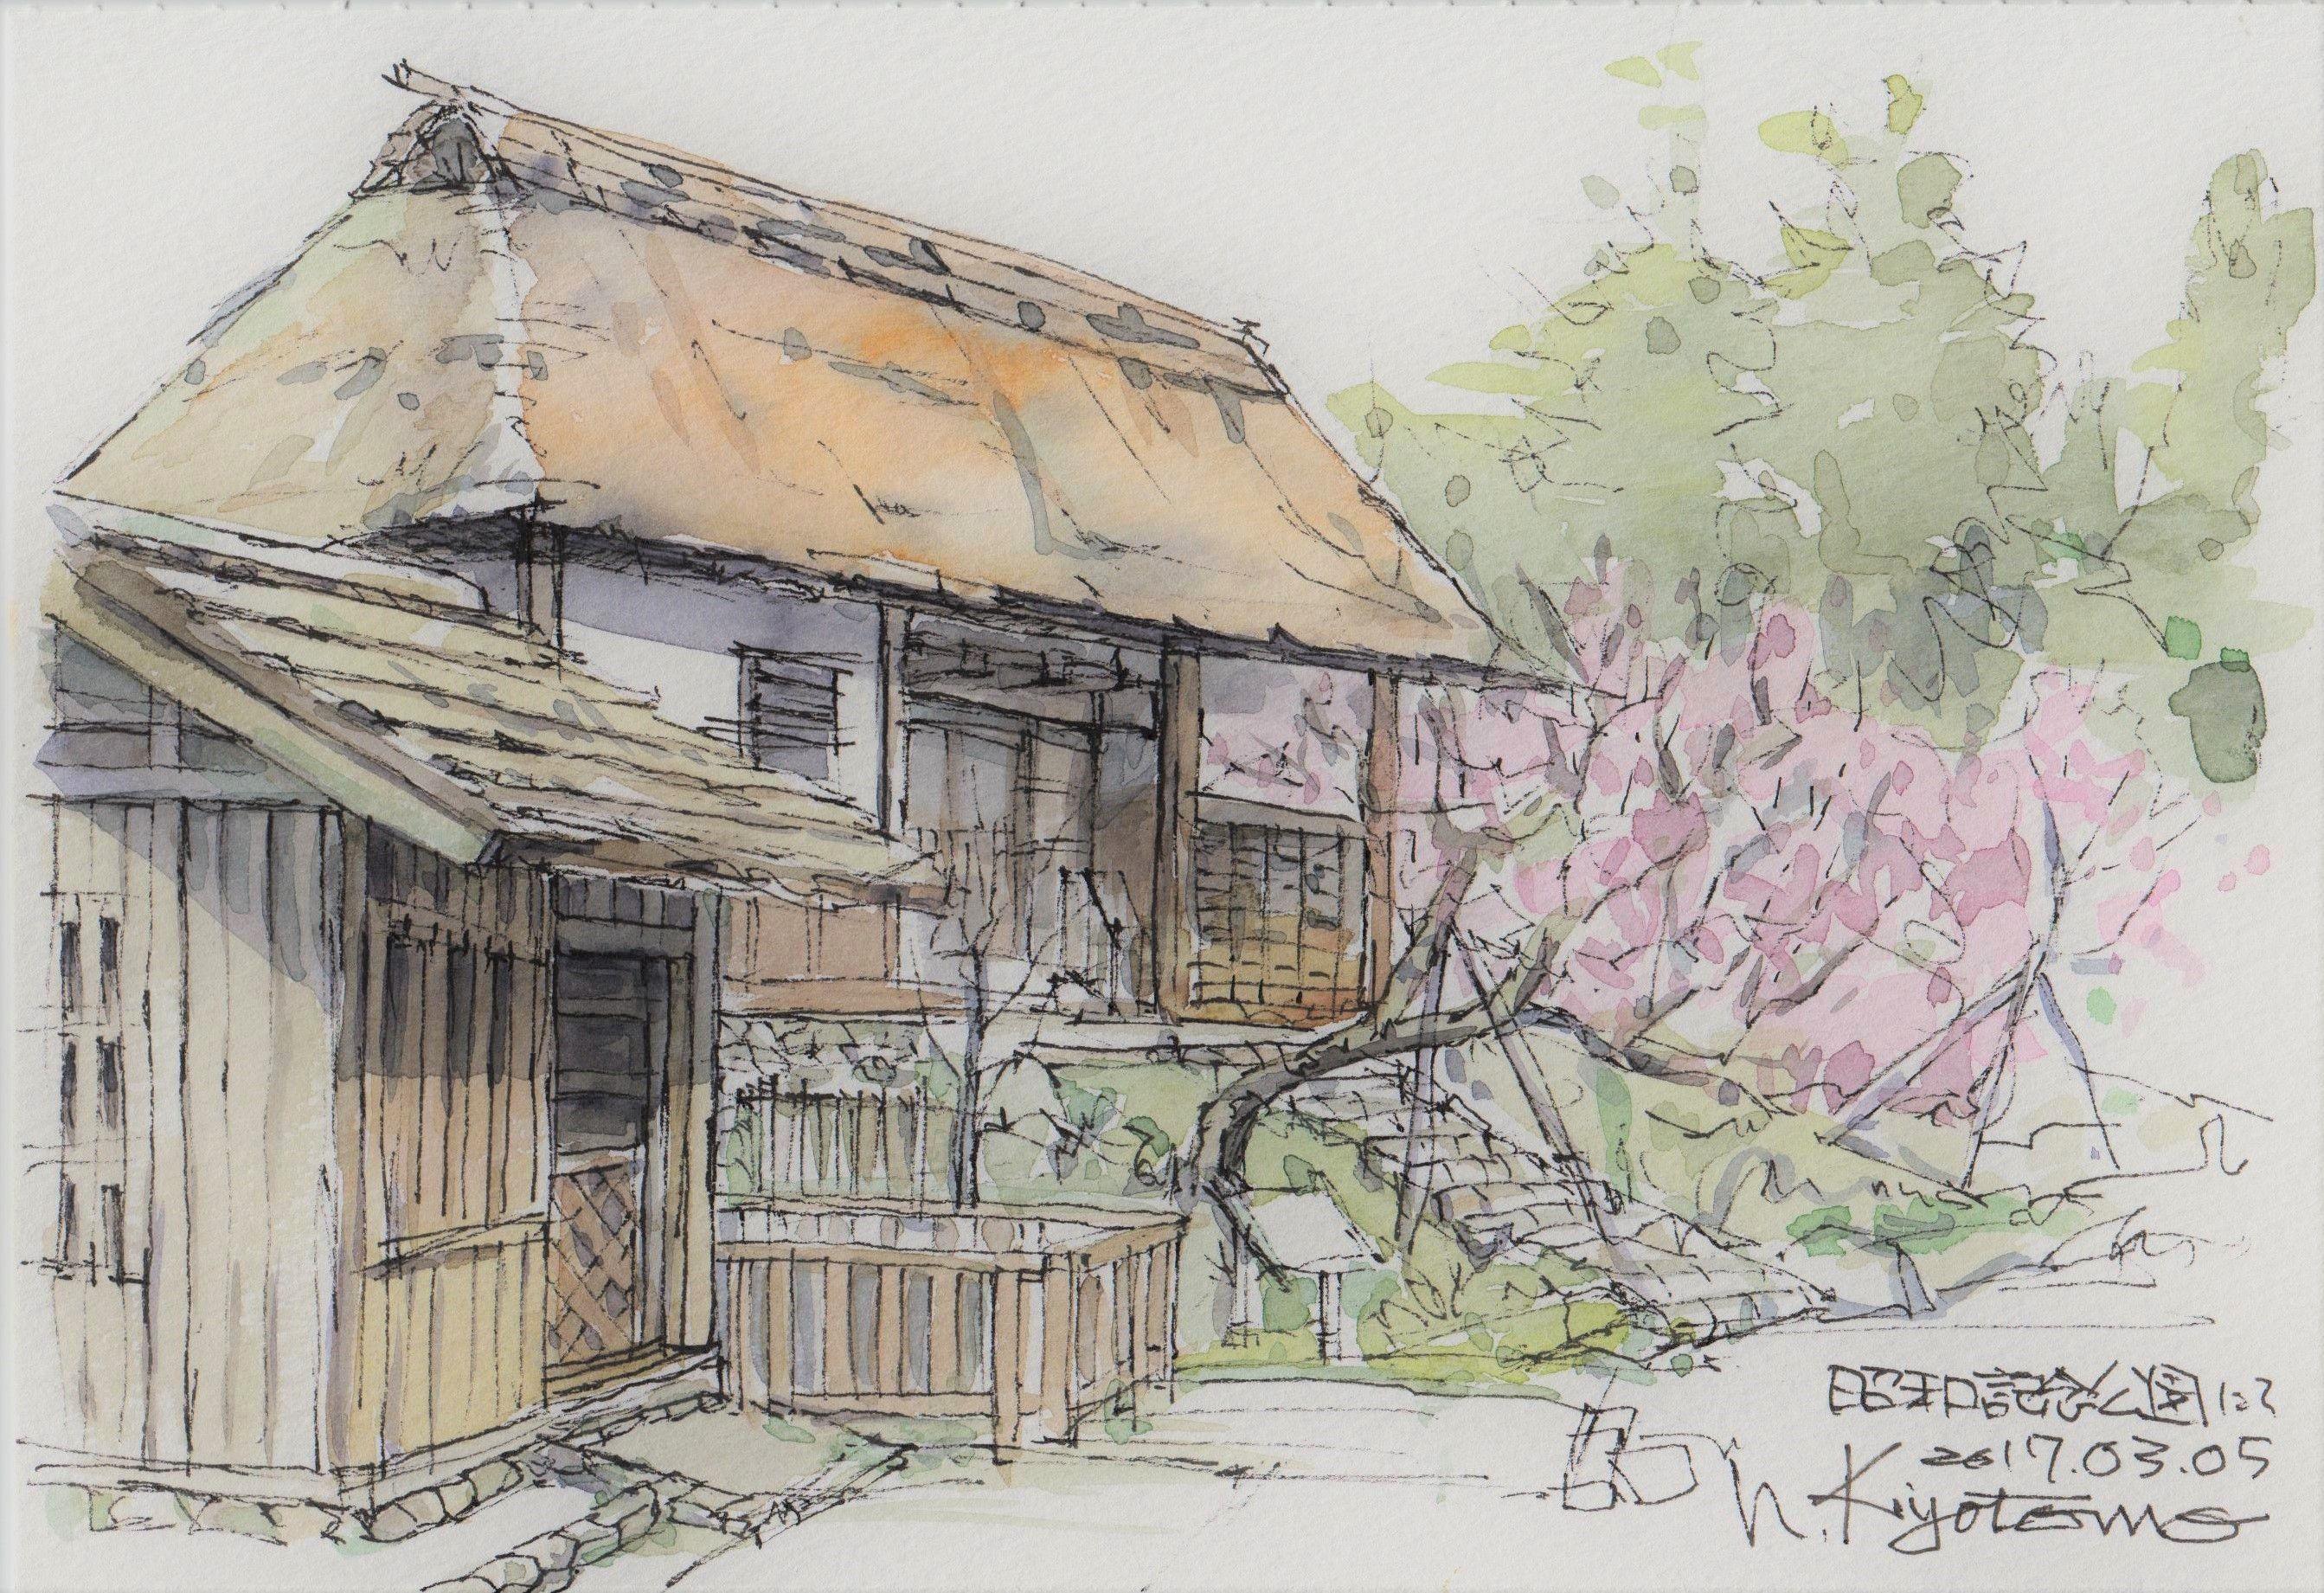 ペン彩画 ペン淡彩風景スケッチ 昭和記念公園 民家園